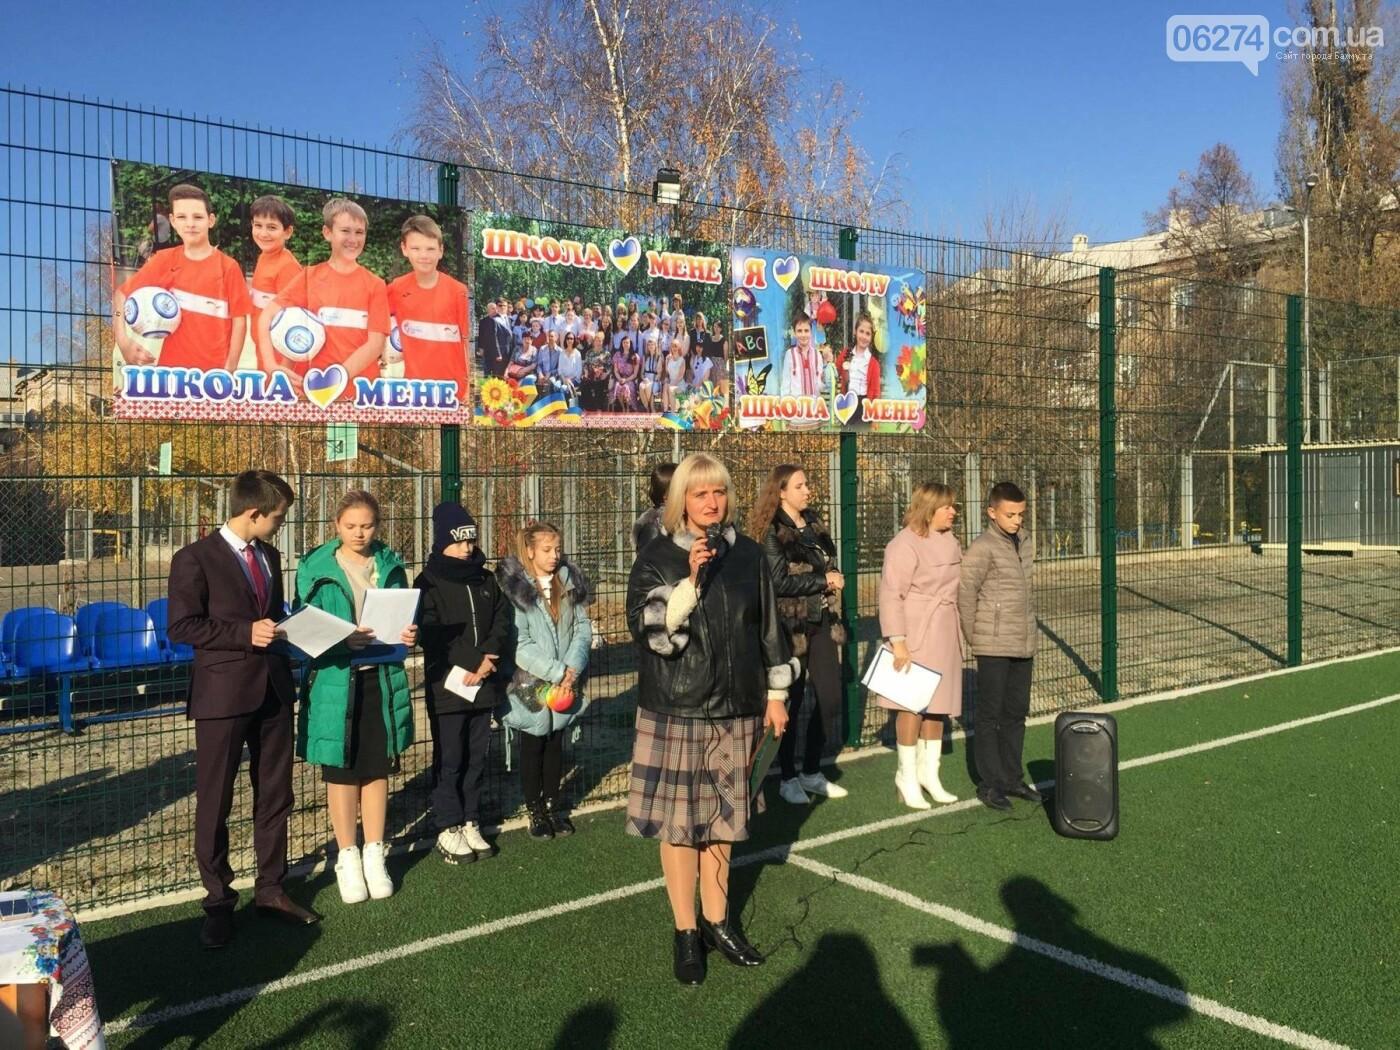 В Бахмутском УВК №11 усовершенствовали школьный стадион, фото-1